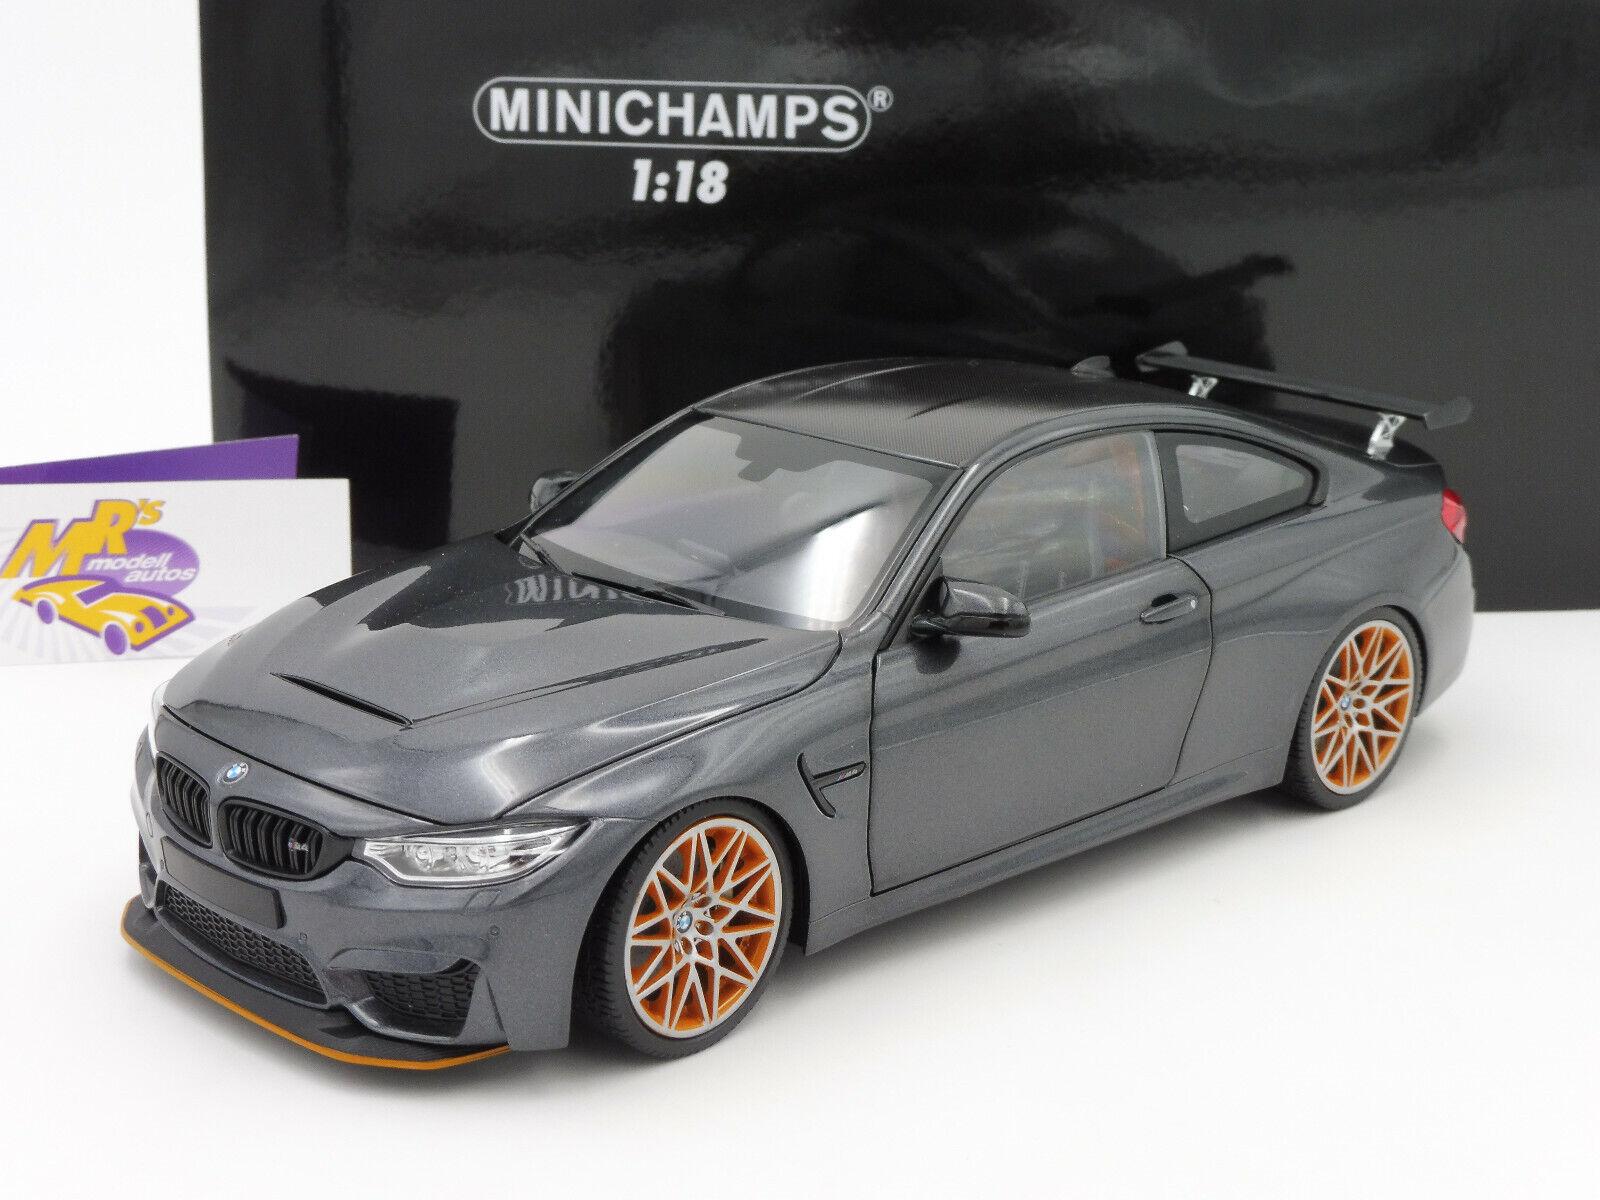 MINICHAMPS 110025222    BMW m4 GTS Année Modèle 2016  grismet.  Orange Jantes 1 18  vente en ligne